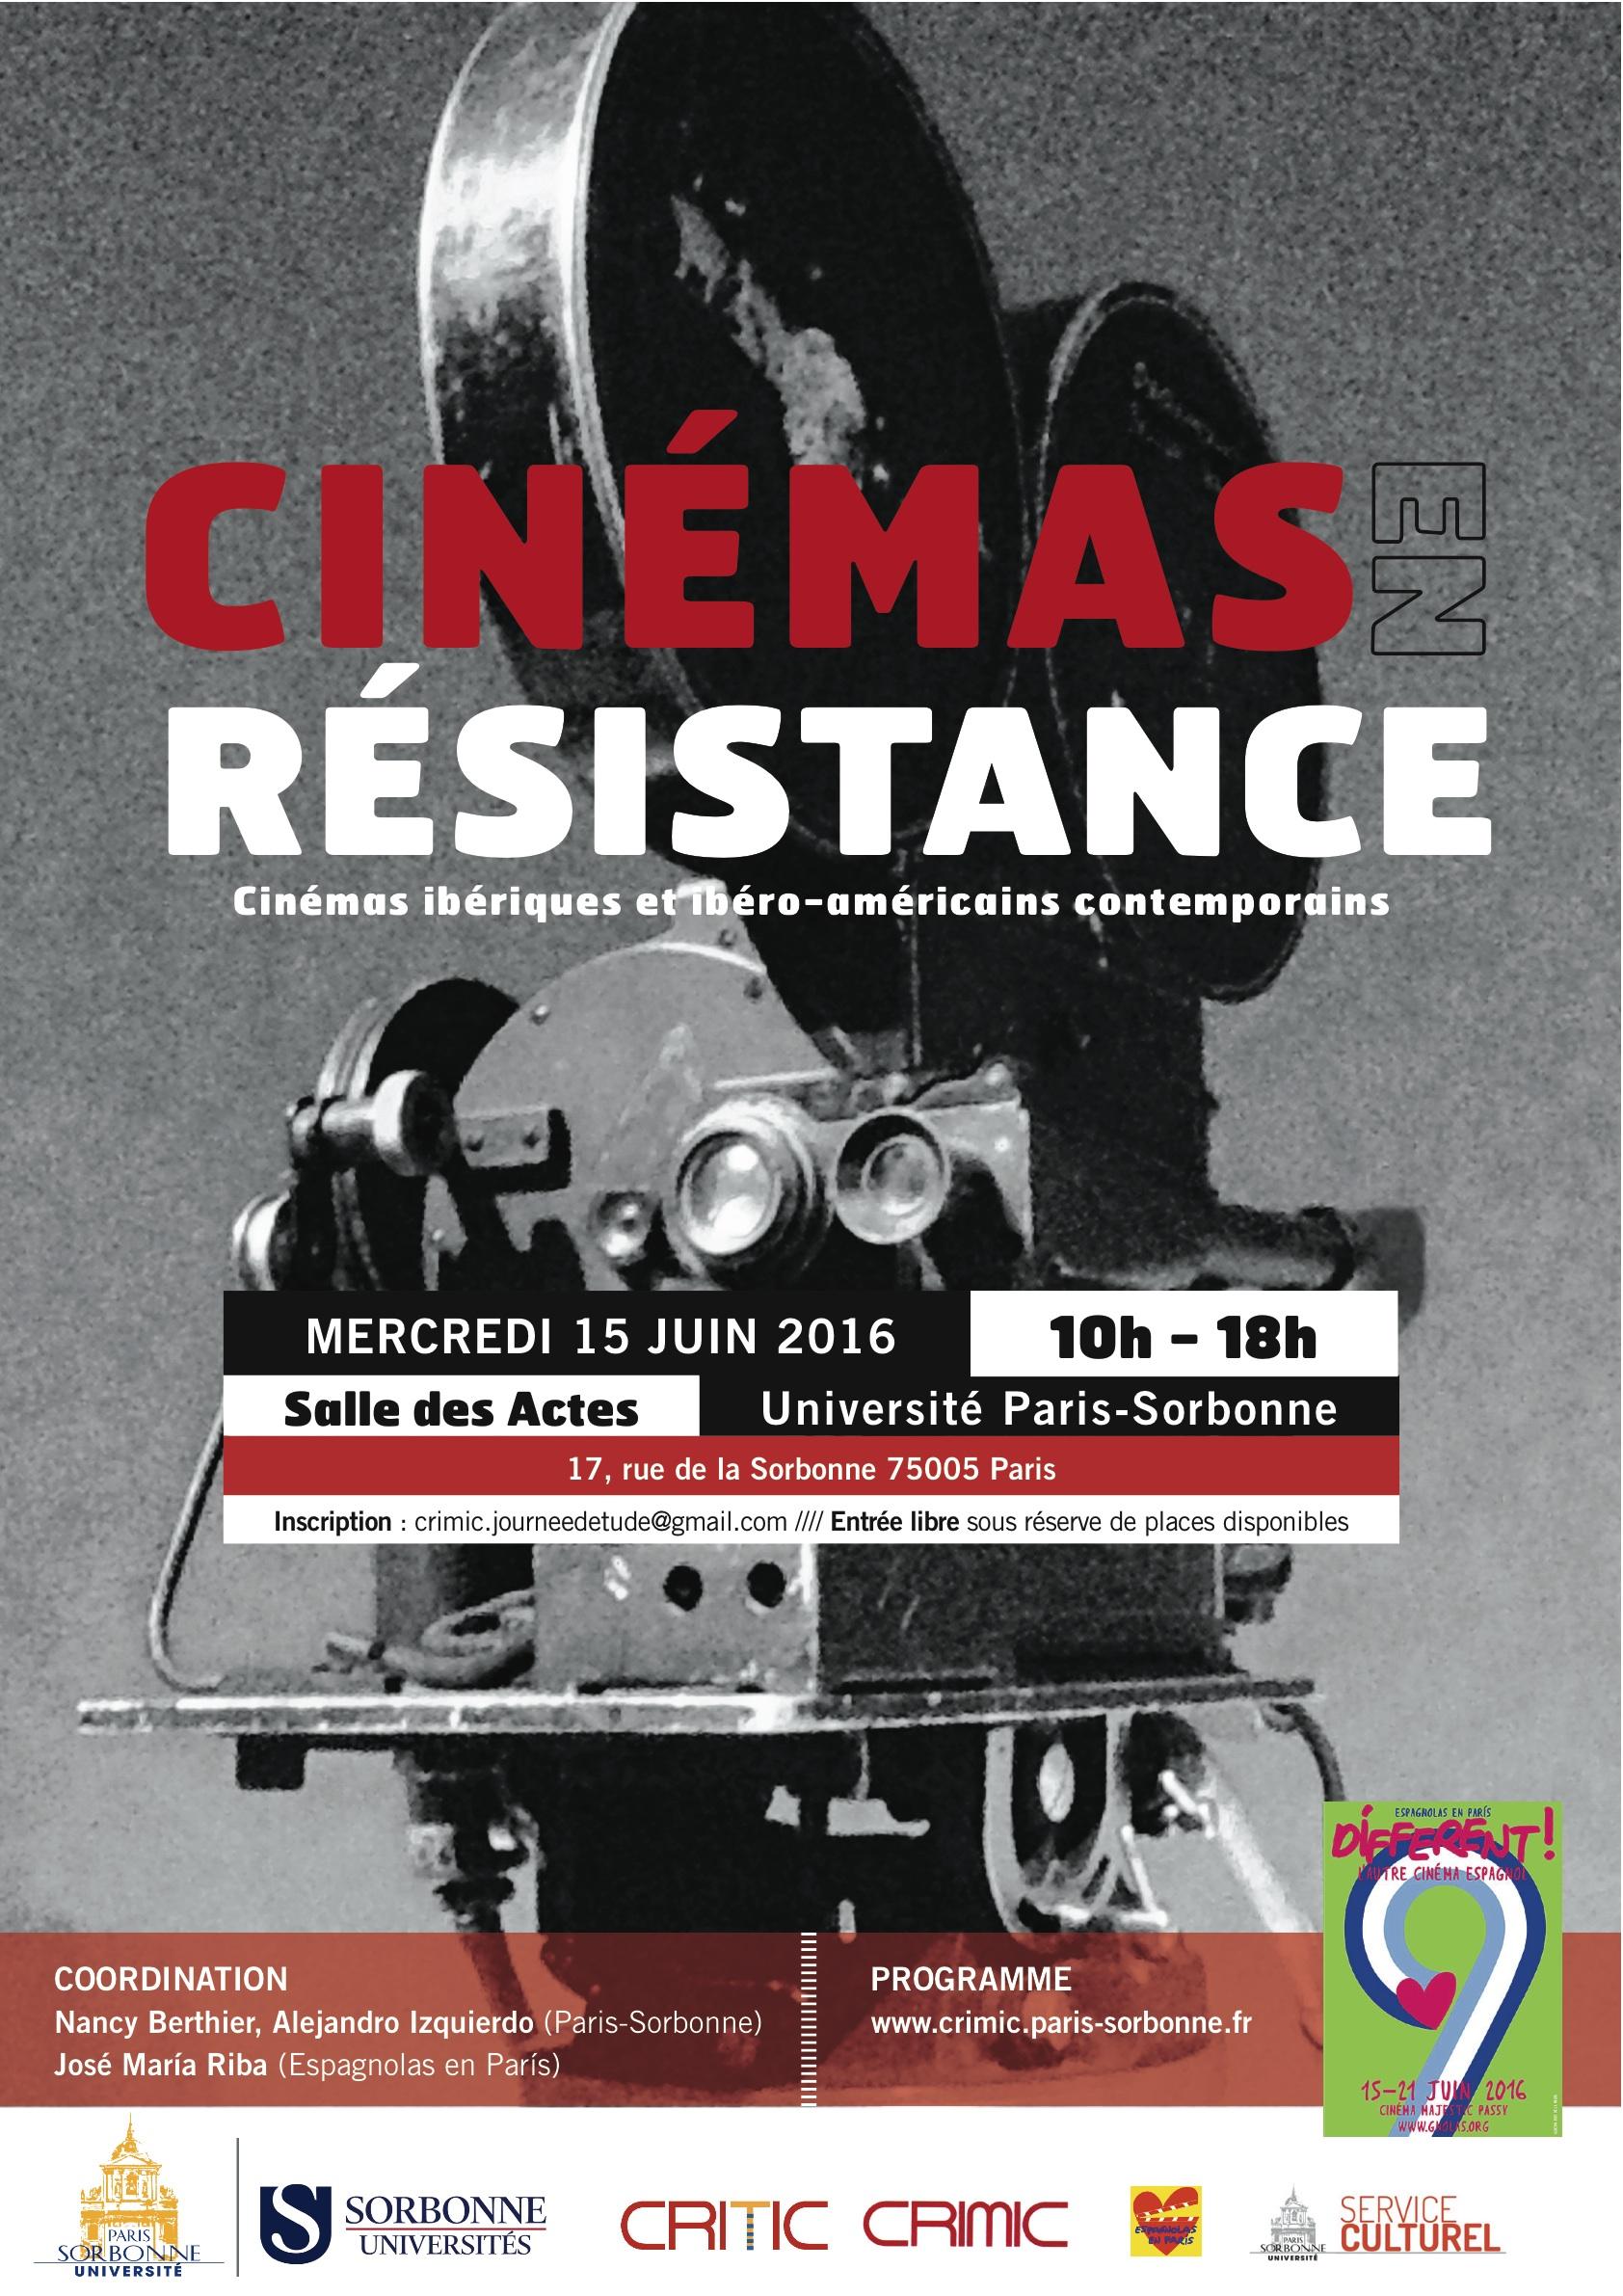 Cinémas en résistance dans les mondes ibériques et ibéro-américains contemporains